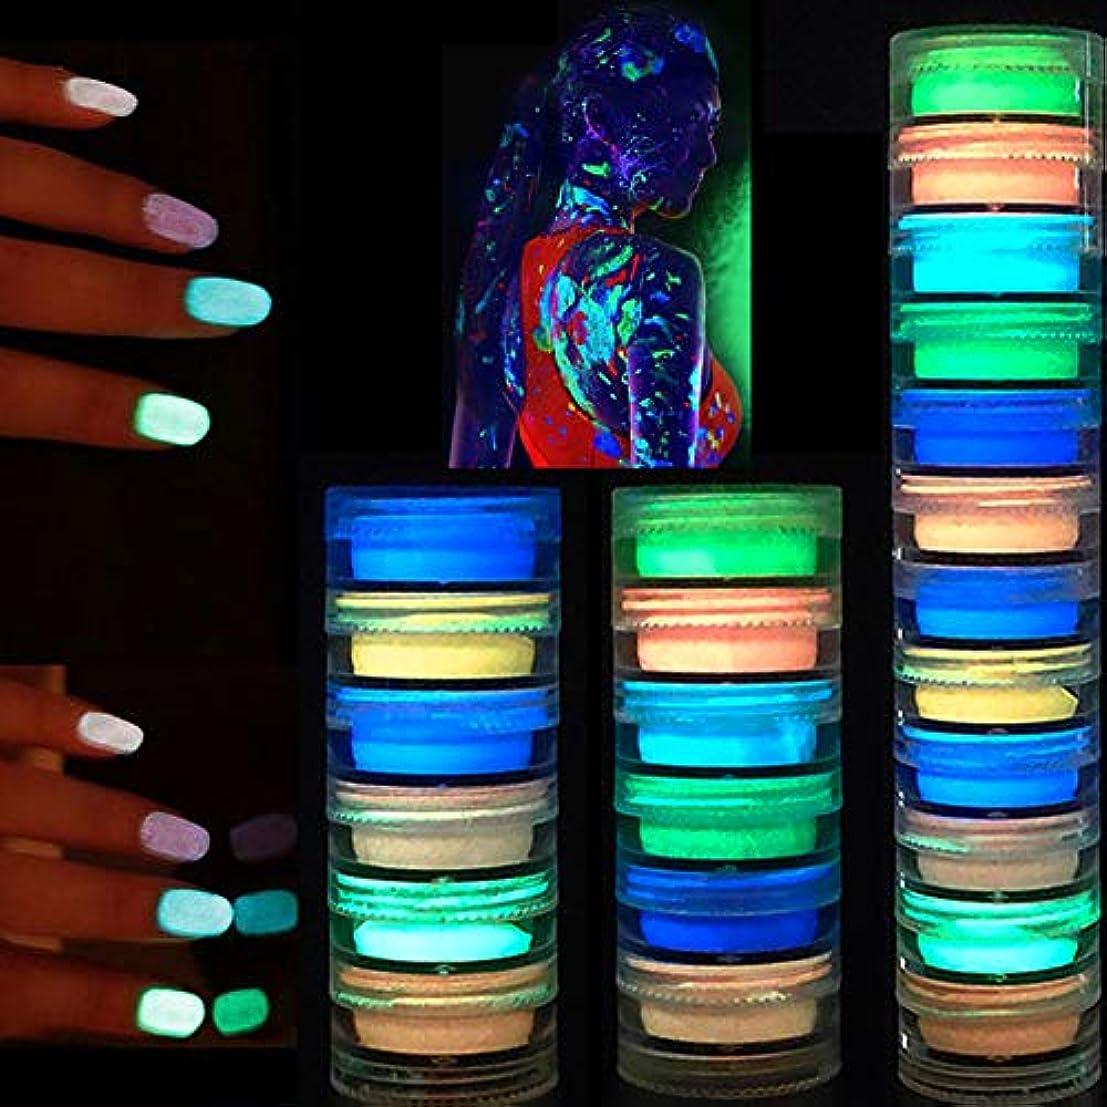 周辺今発生するMurakush 12色蛍光ネイルグリッターパウダーライトルミナスウルトラファイングローイングピグメントネオンネイルパウダー